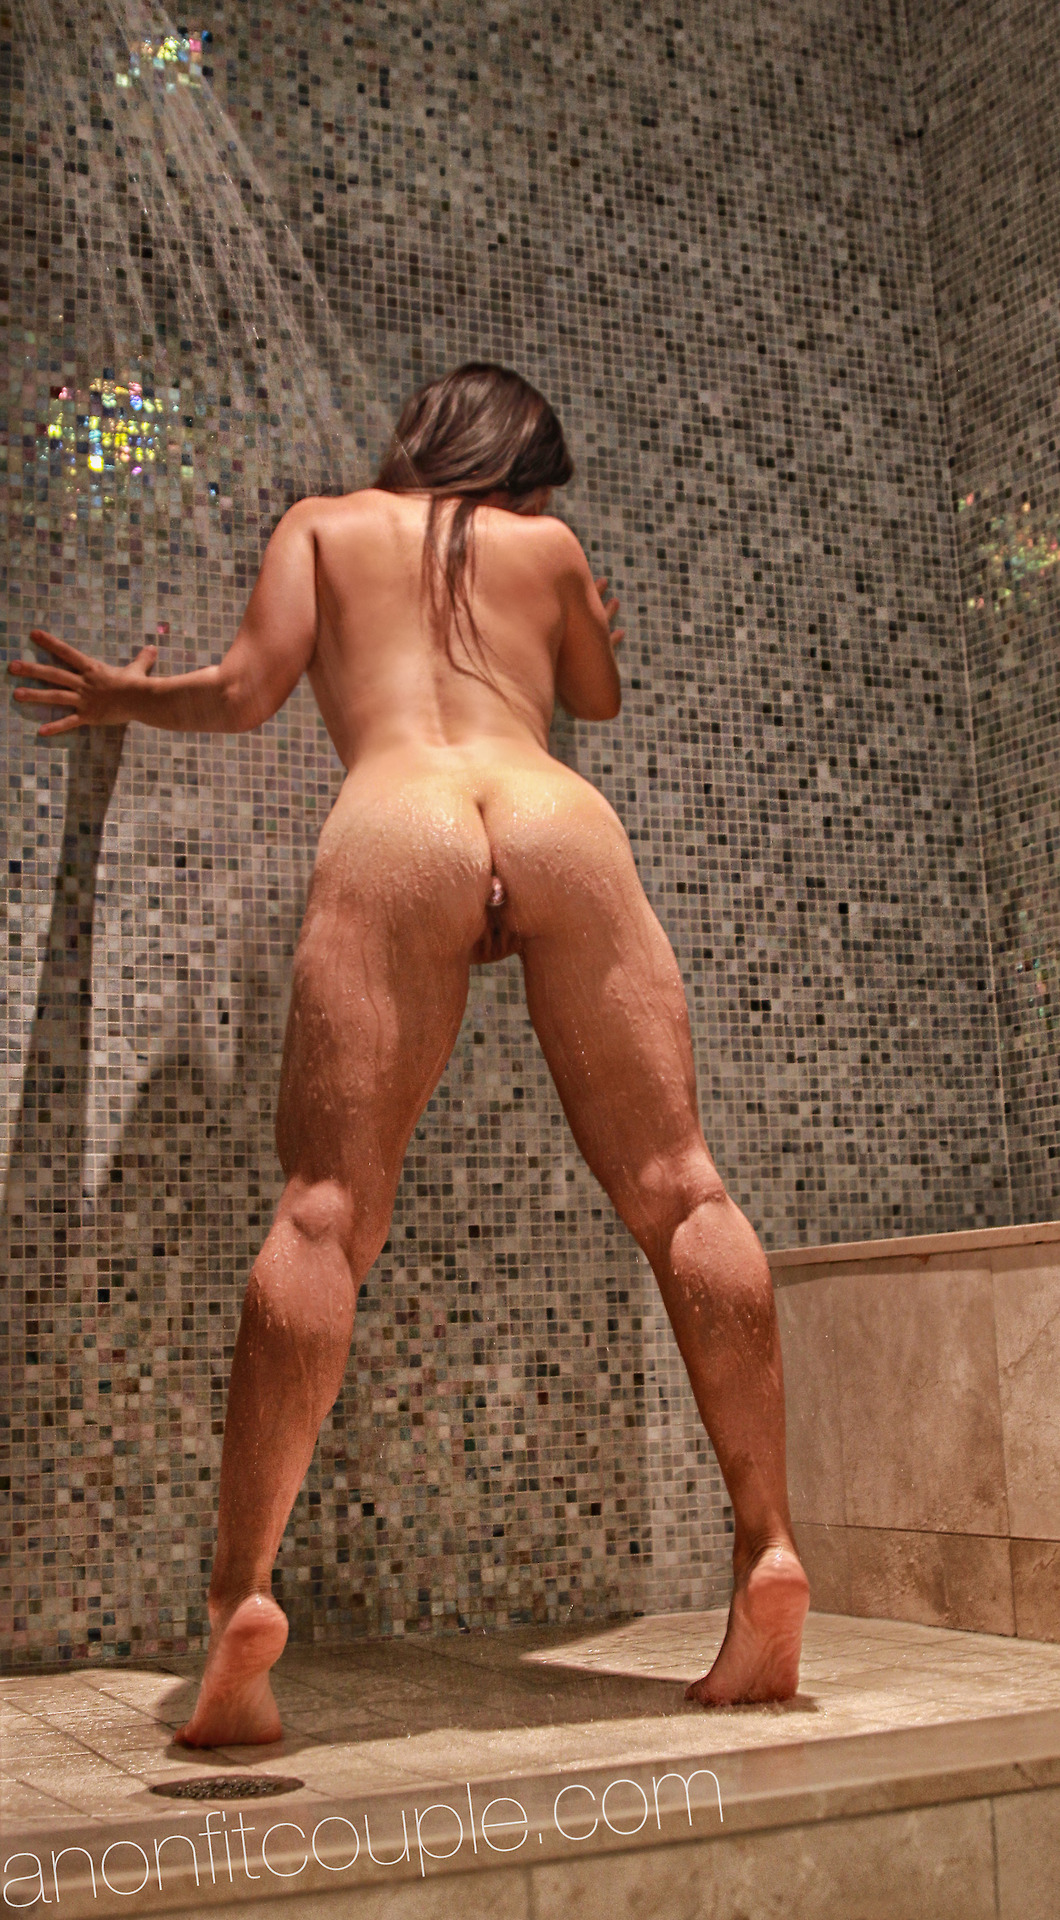 Оголенные сучки с анальной пробкой в жопах 16 фото